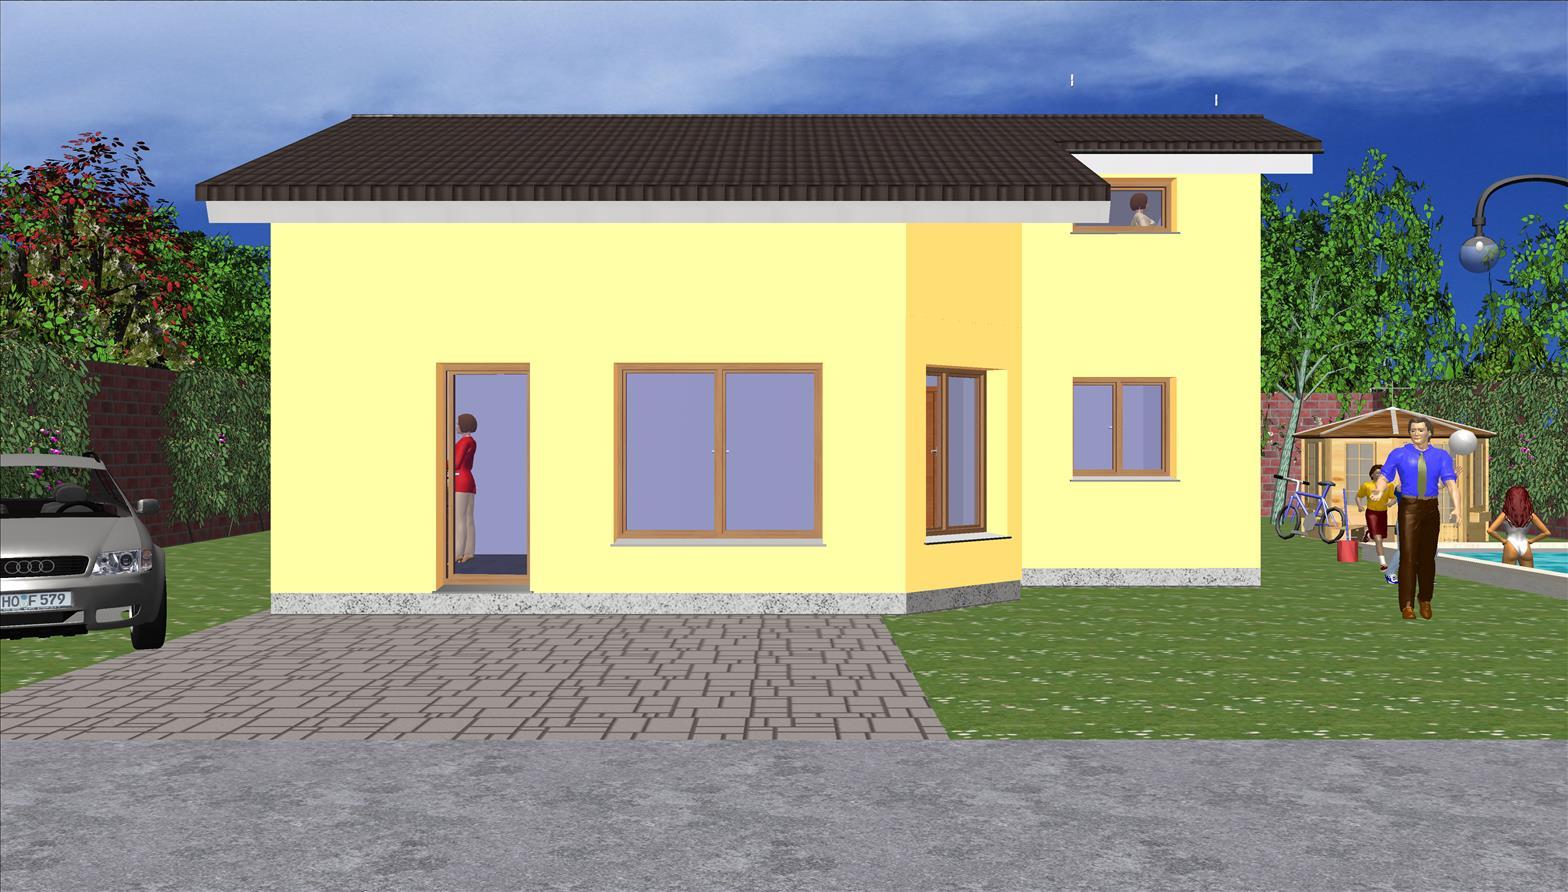 Maisons 79,79 m2 avec combles aménagés – Prix 89,423,33 € TTC Conforme à la RT 2020